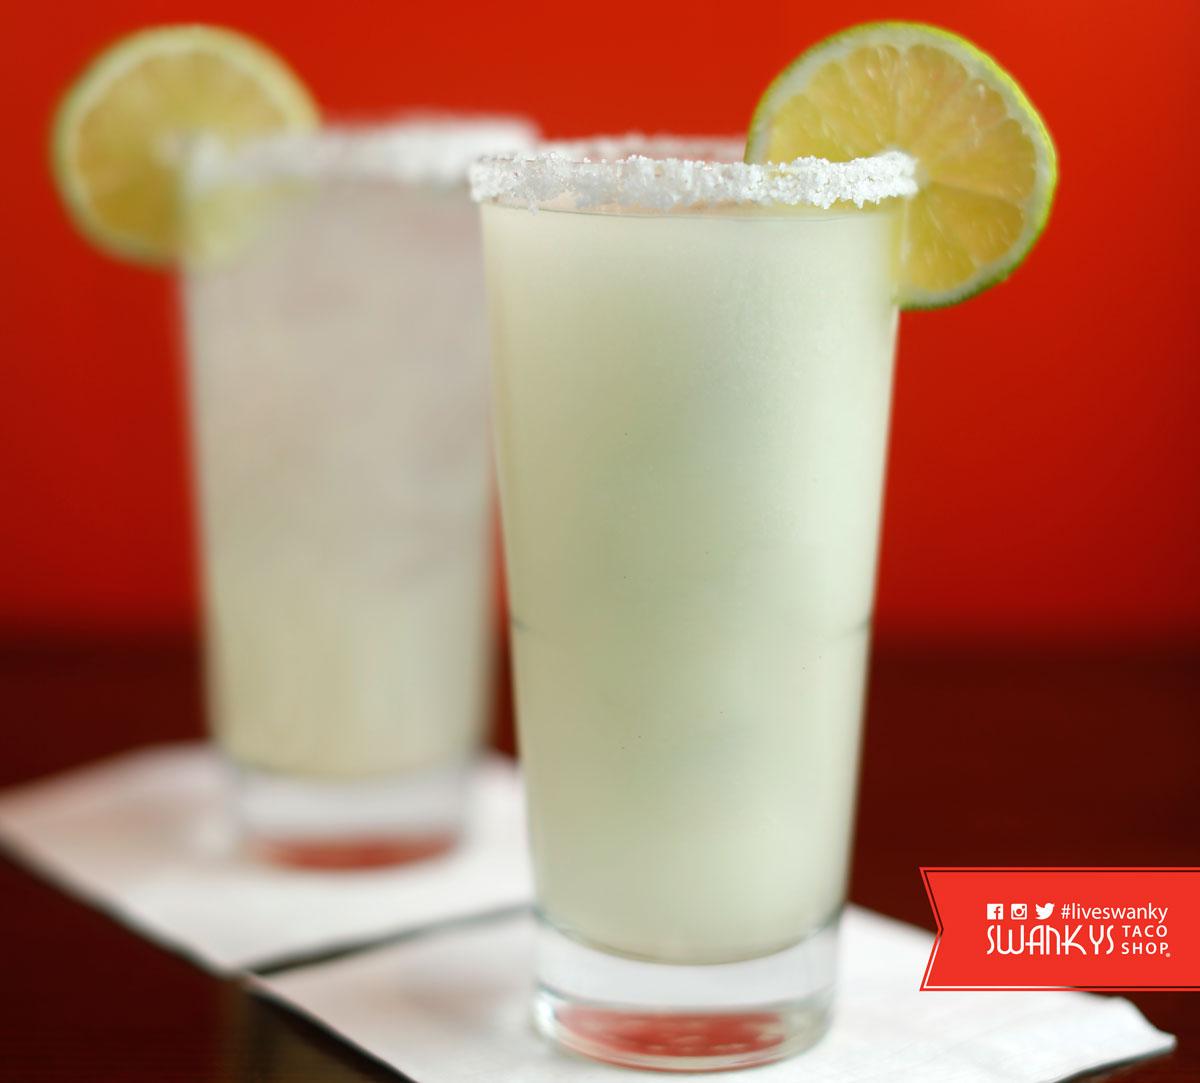 Frozen Margaritas | Swanky's Taco Shop